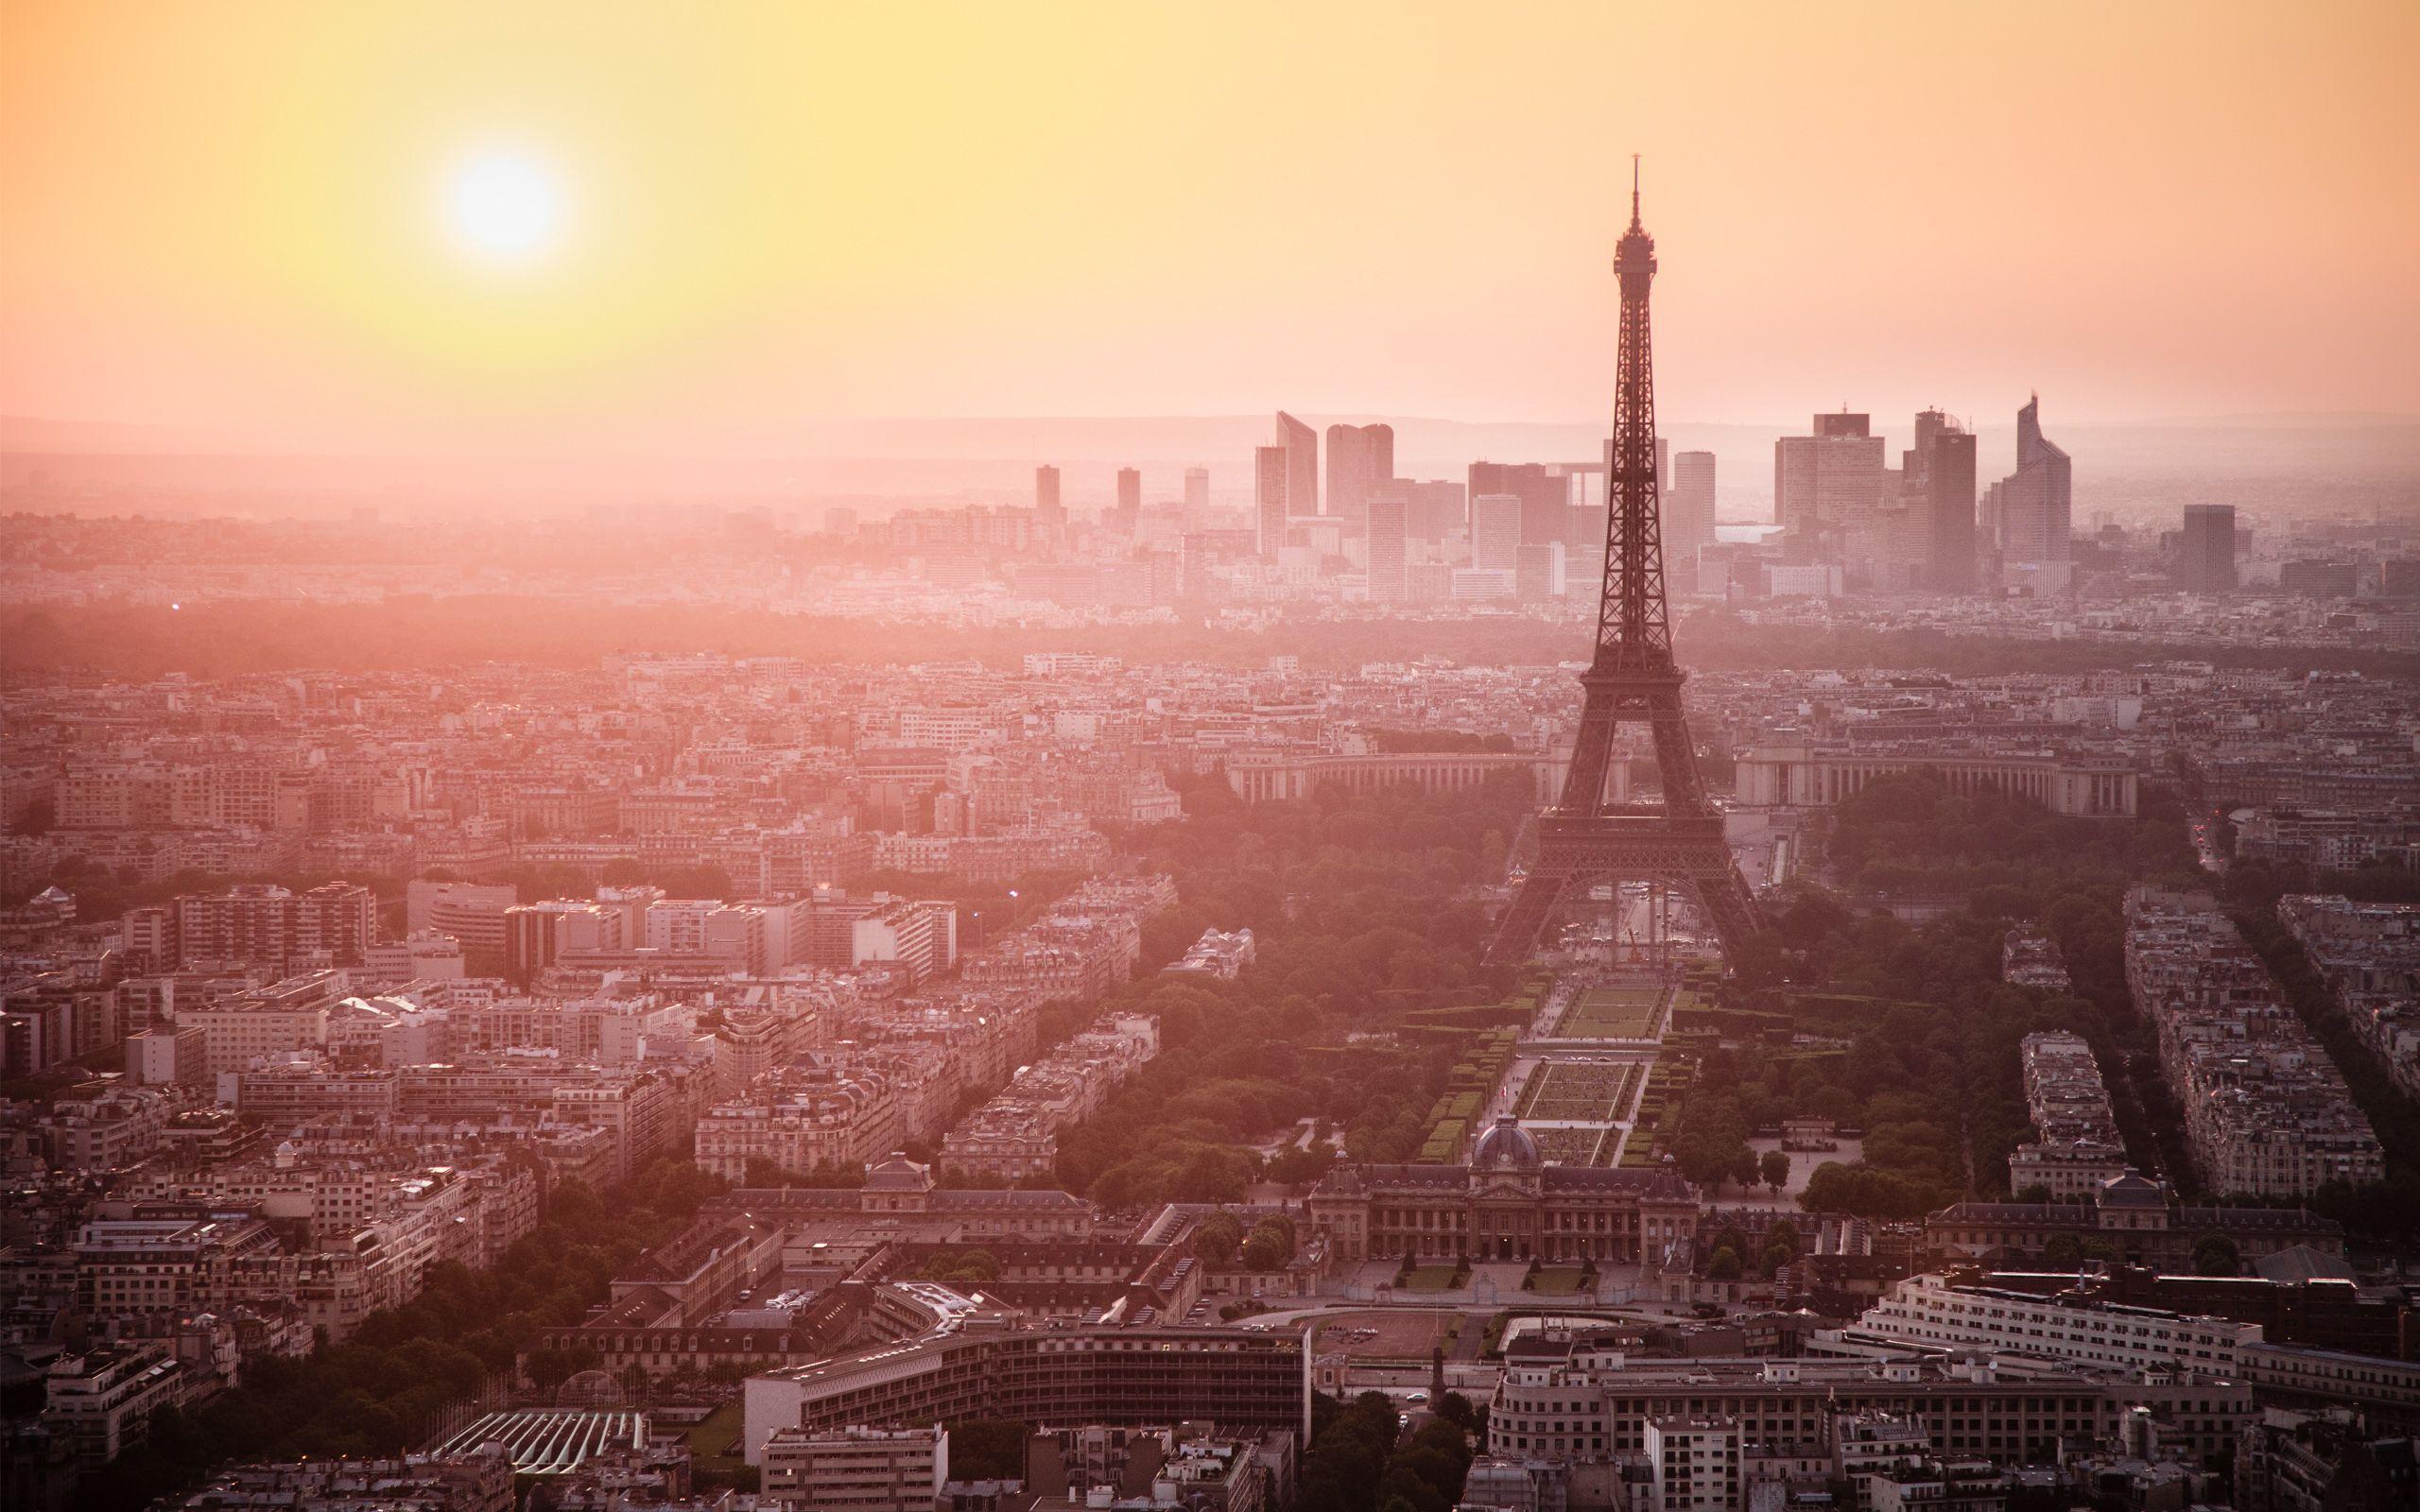 Paris Sunset Wallpapers Top Free Paris Sunset Backgrounds Wallpaperaccess